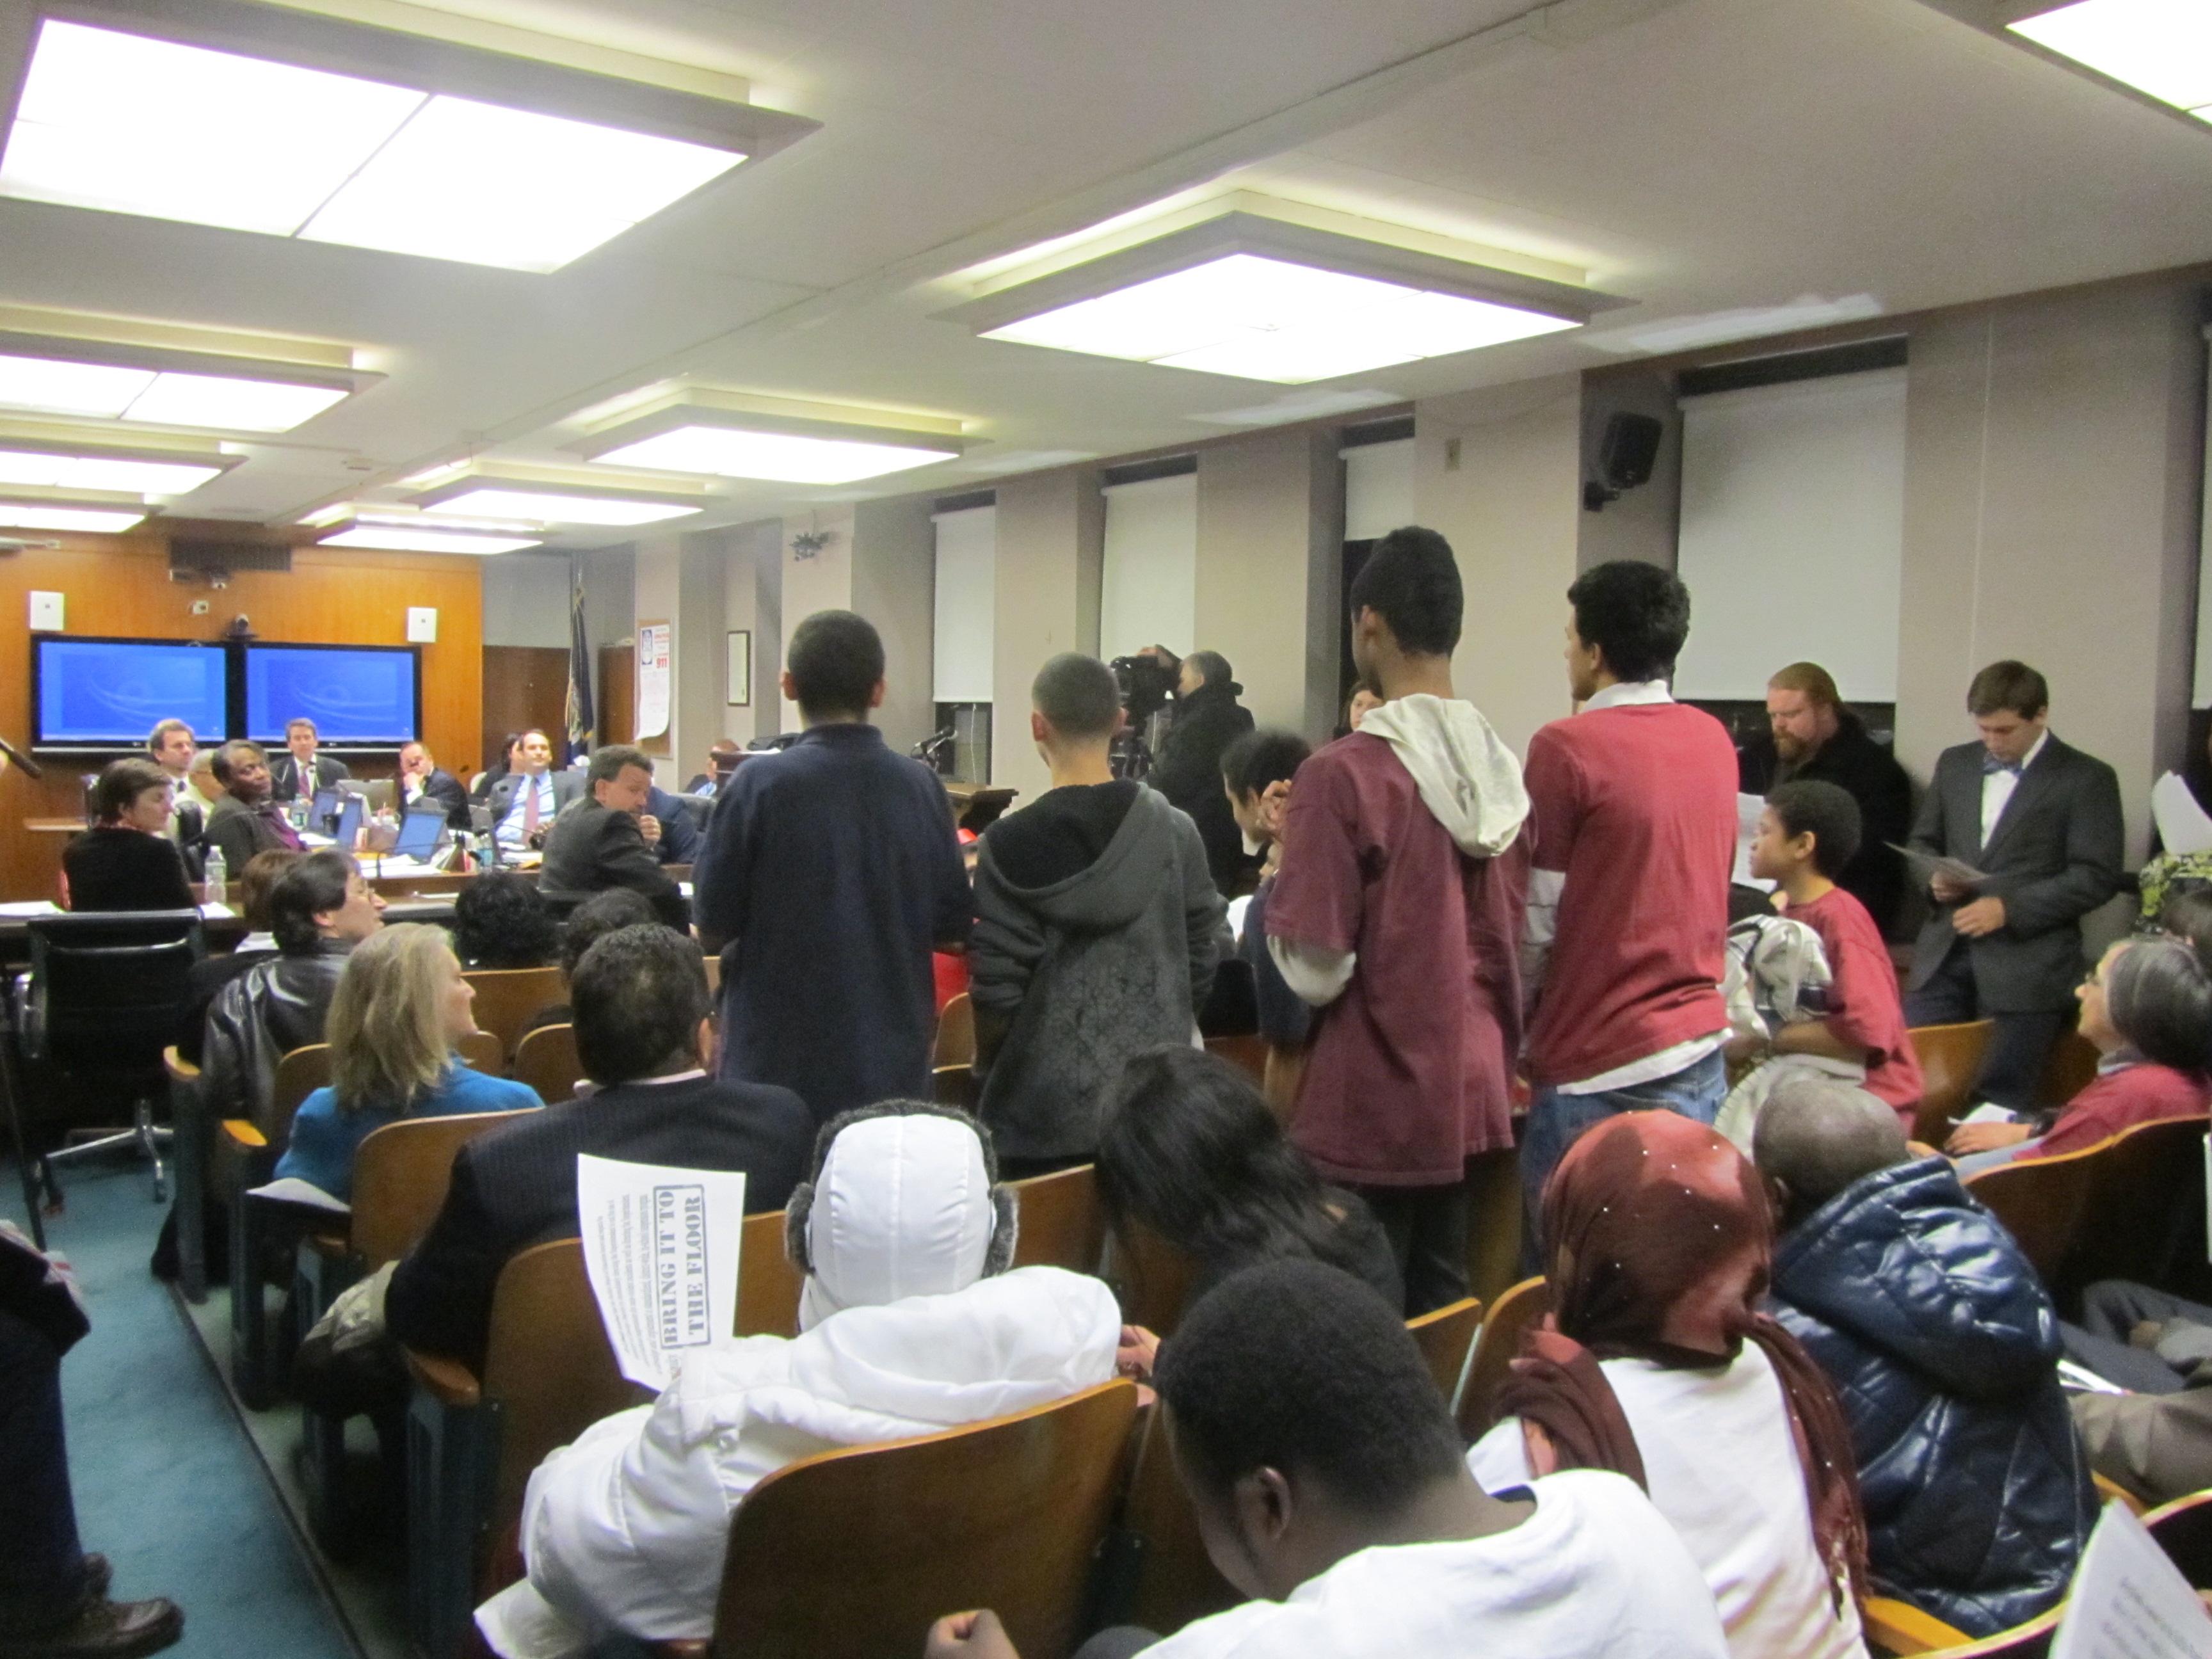 WNY Chapter Endorses Buffalo Board of Education Candidates